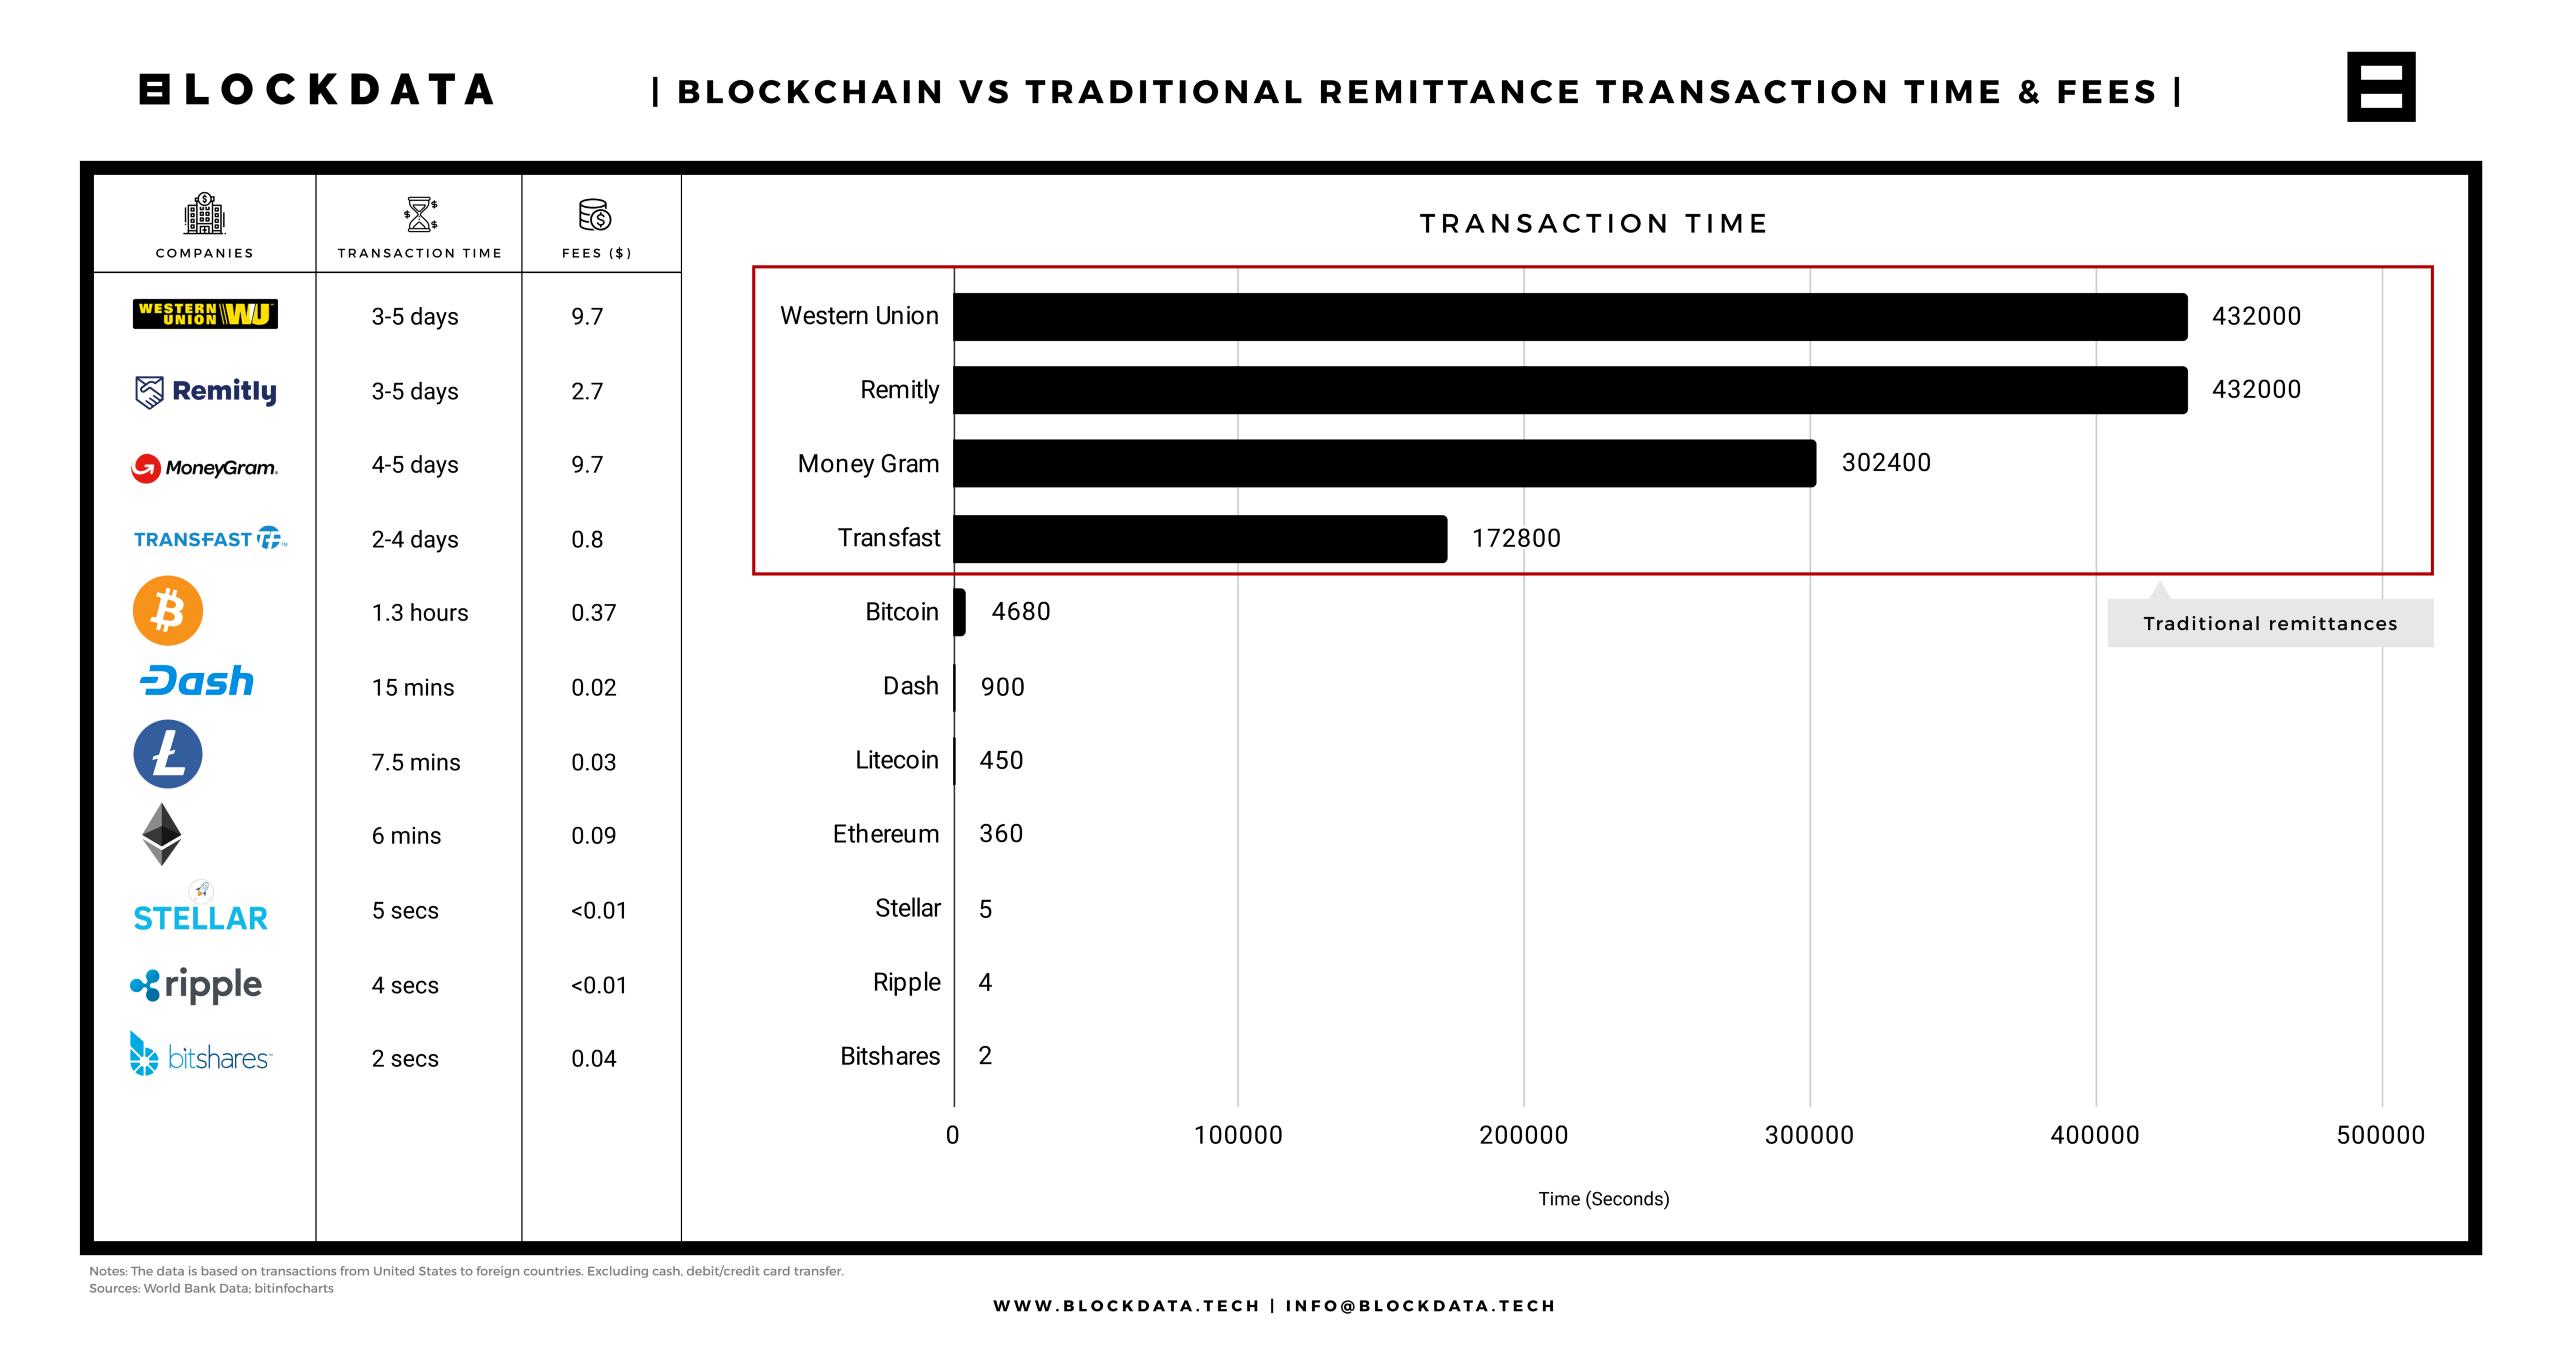 Tốc độ chuyển tiền của Blockchain so với chuyển tiền truyền thống